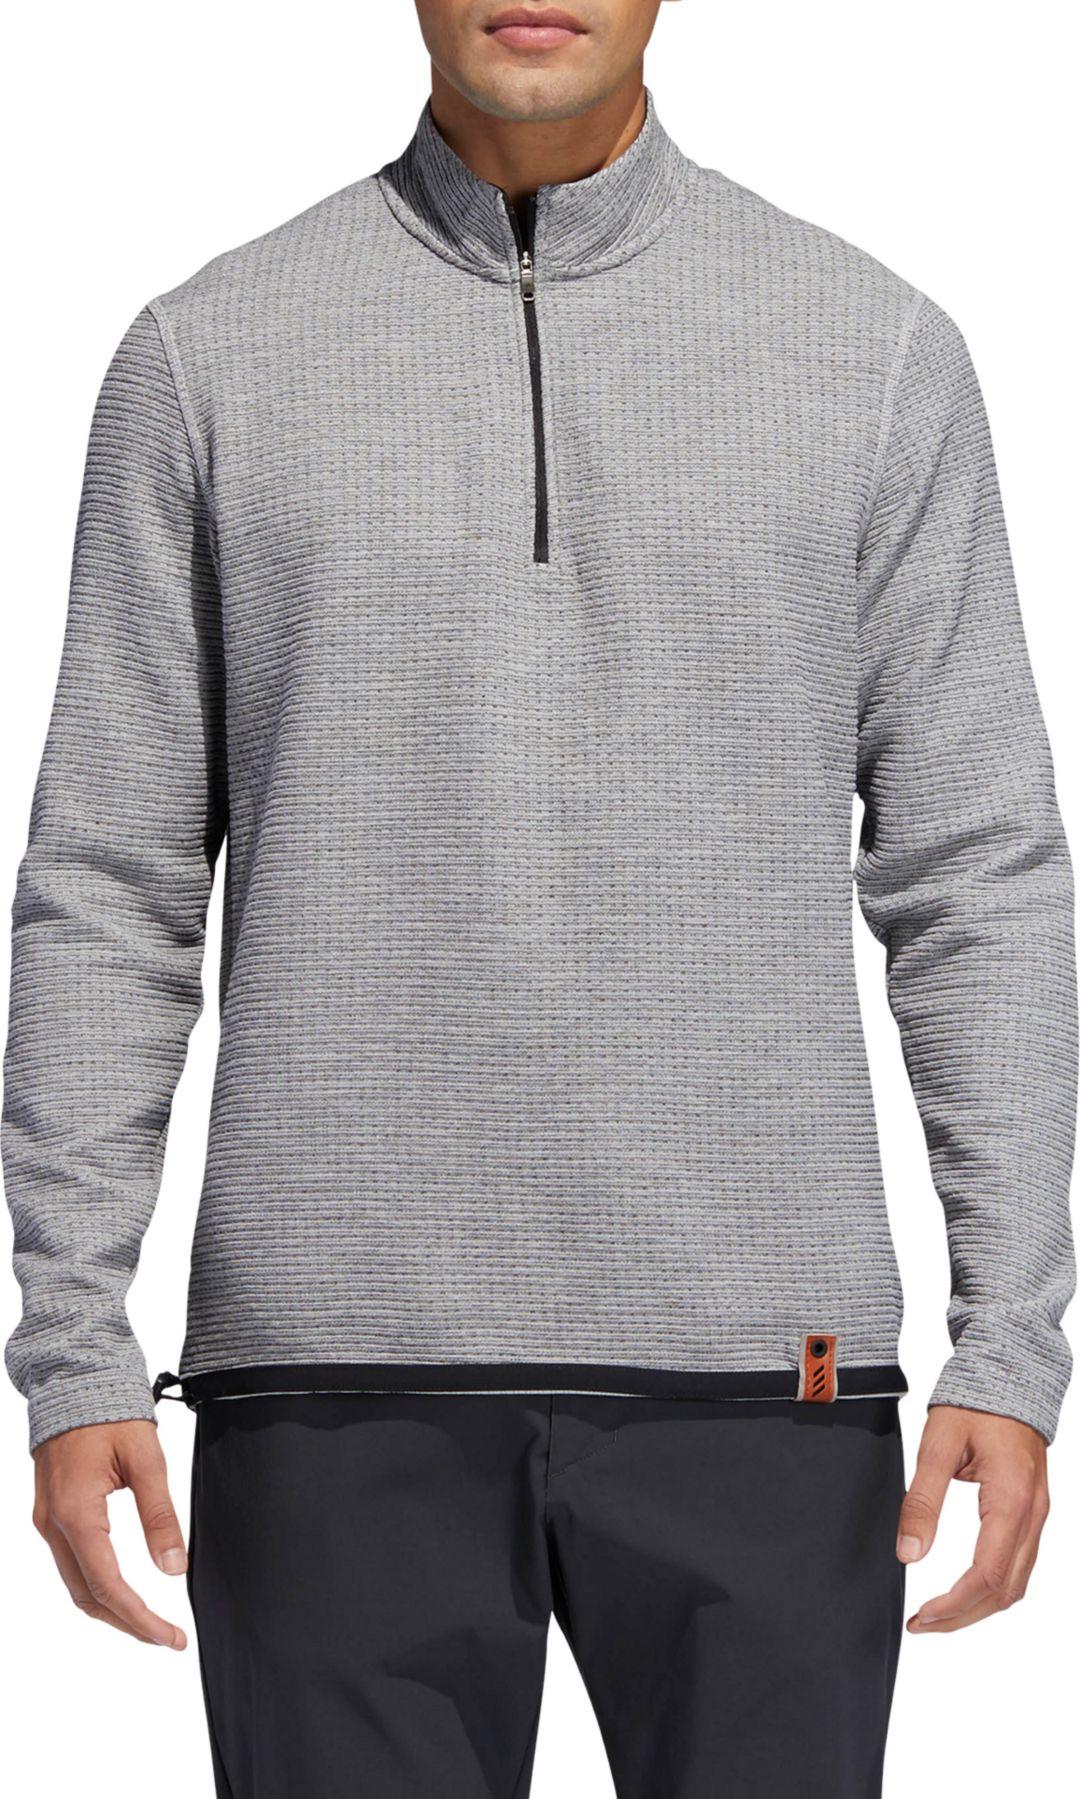 26aa7ce8e4 adidas Men's Adicross Textured Fleece Golf ¼ Zip